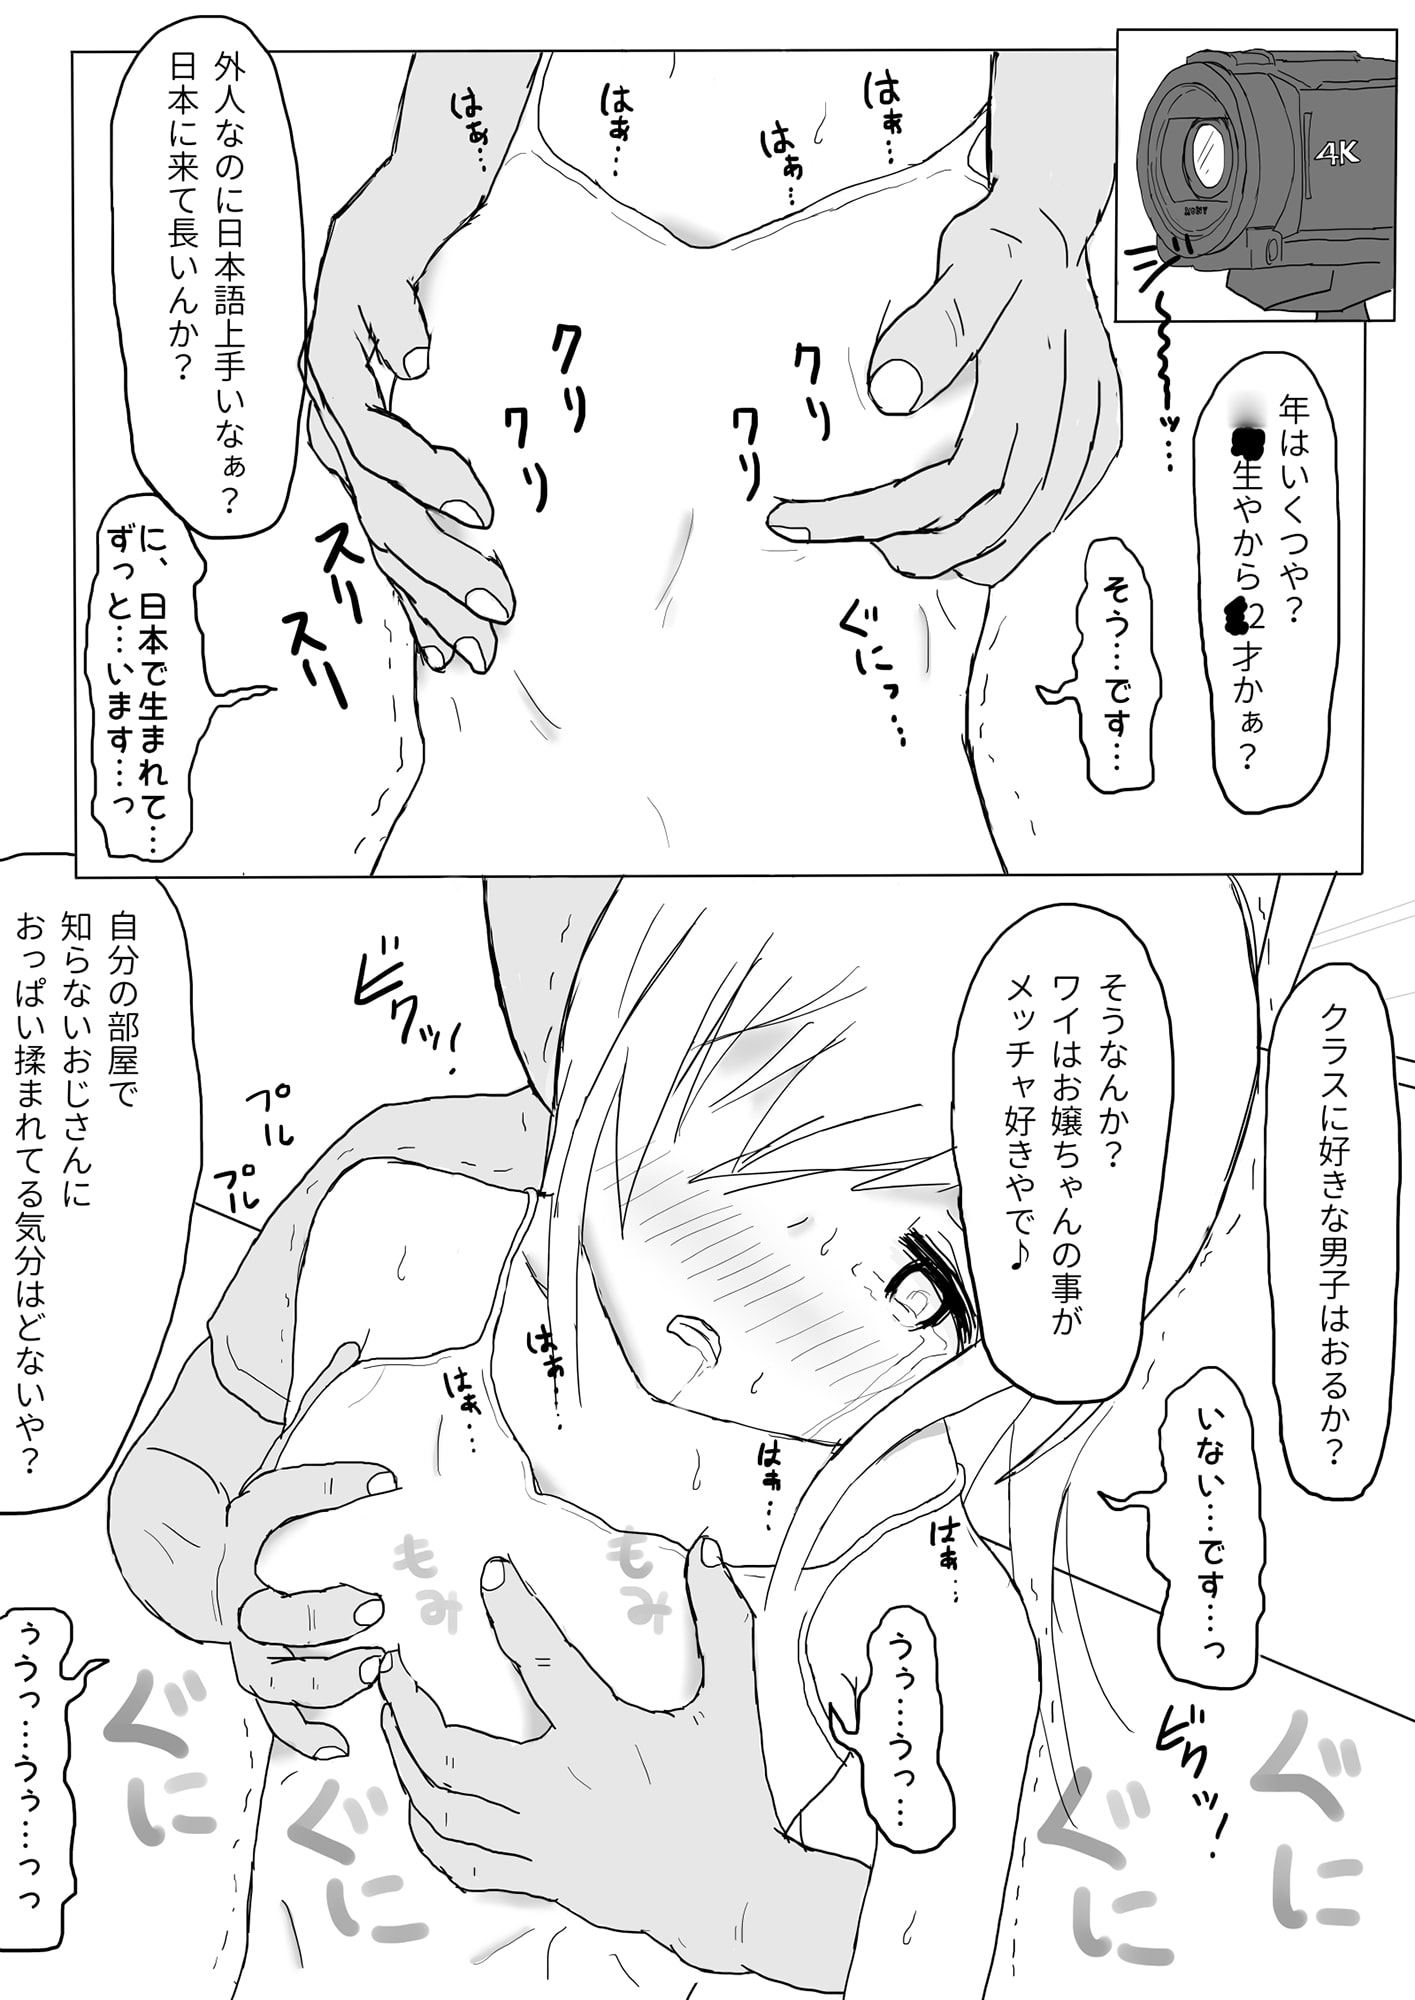 女子〇学生強姦マニュアル